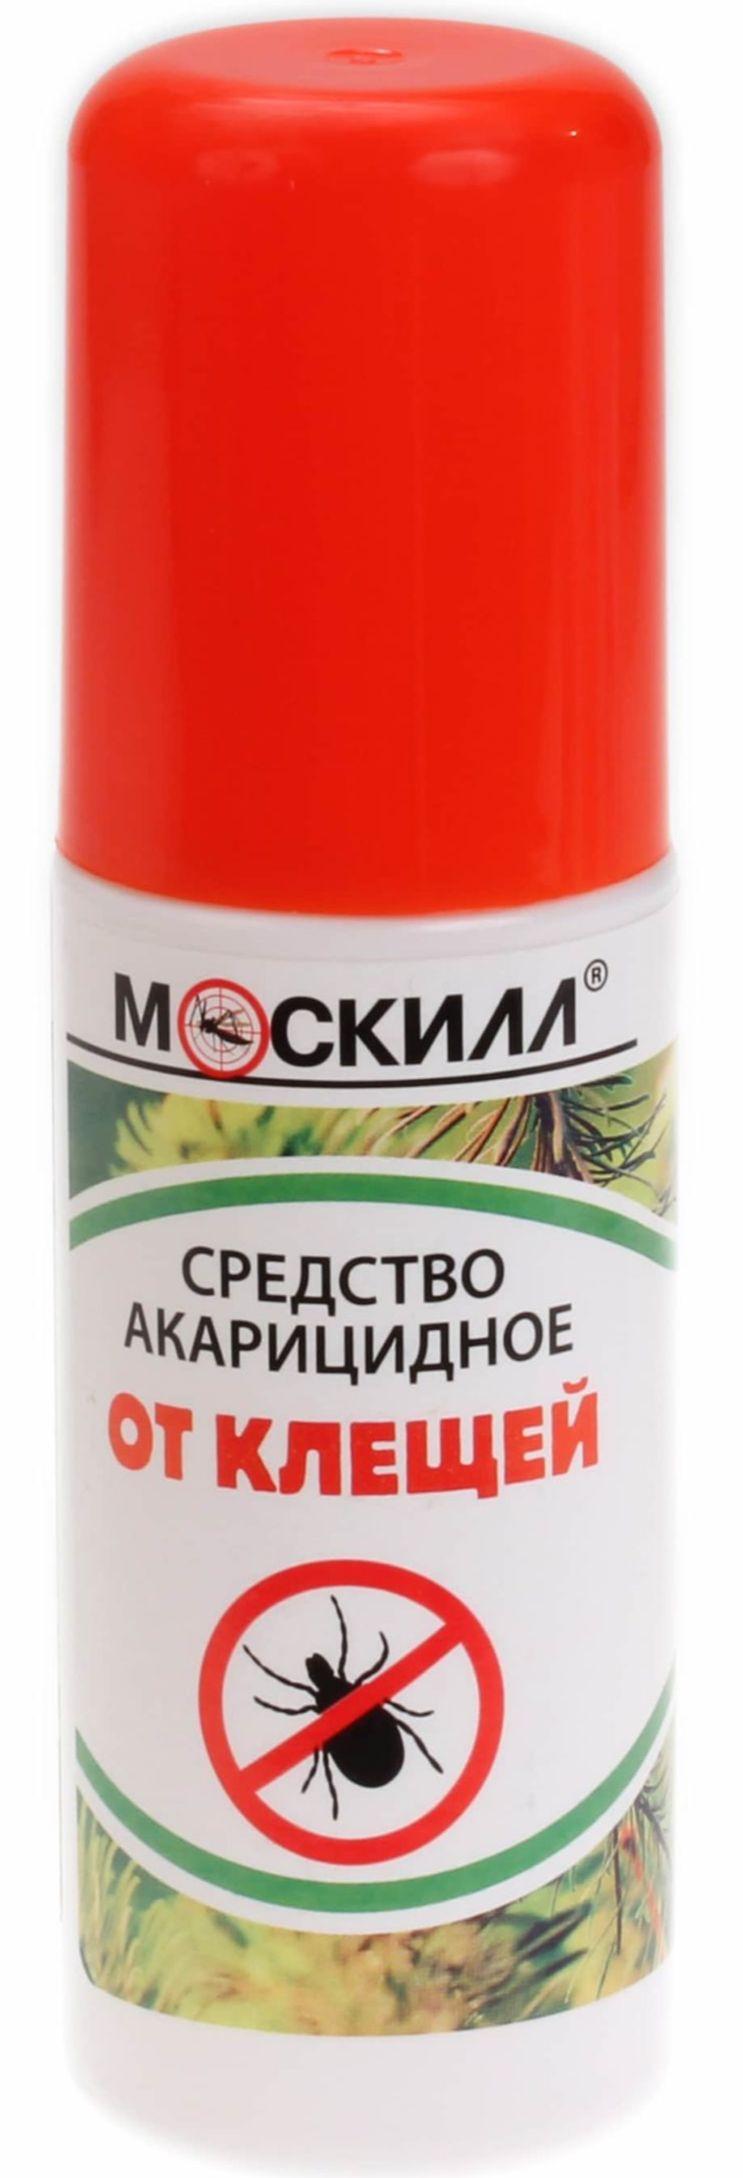 Москилл Антиклещ-спрей